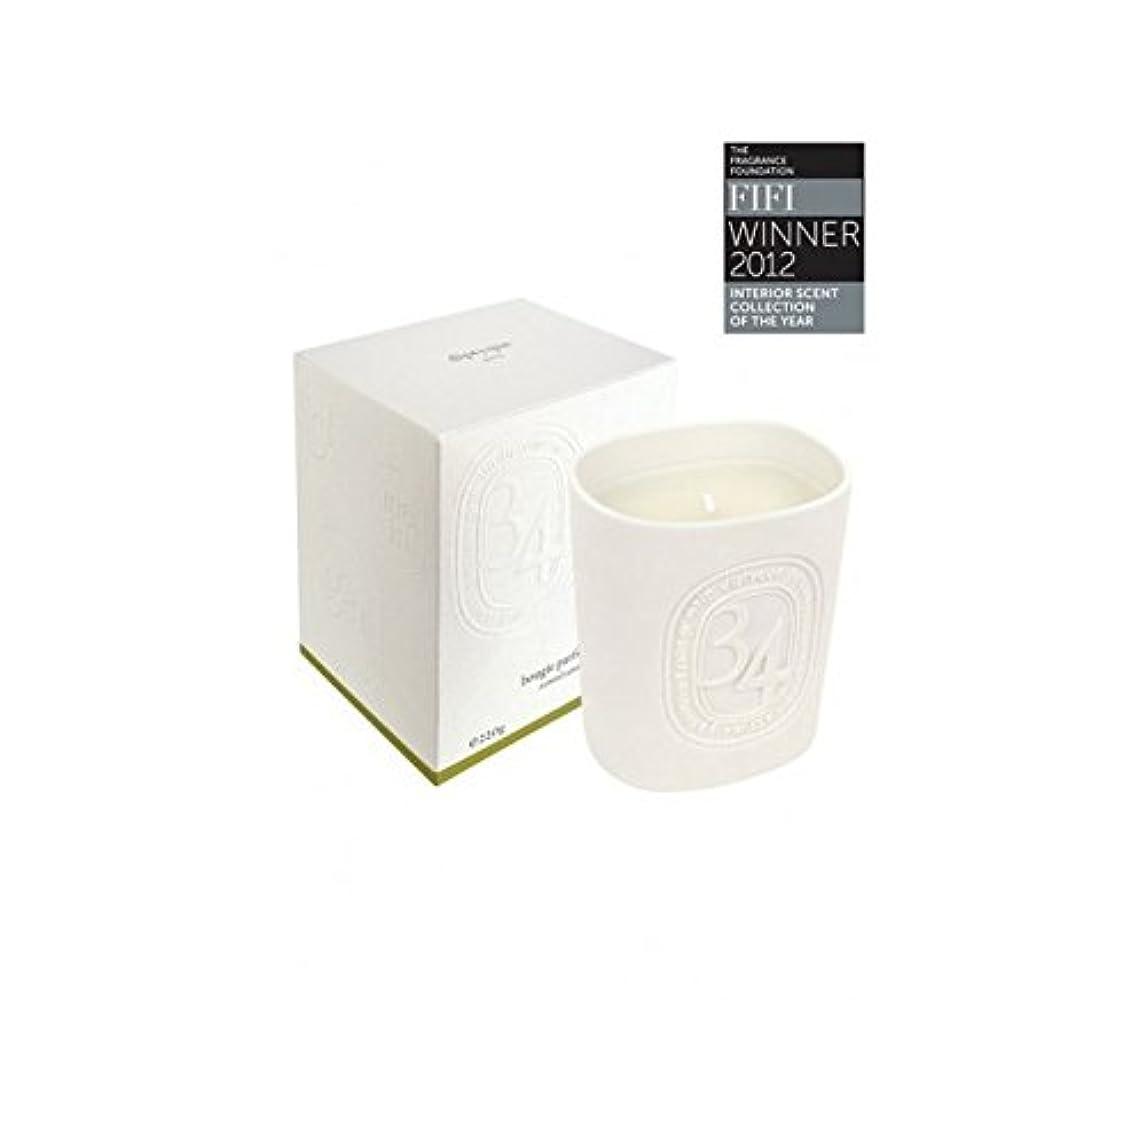 暗記するプレミア請求Diptyque Collection 34 Boulevard Saint Germain Candle 220g (Pack of 2) - Diptyqueコレクション34大通りサンジェルマンキャンドル220グラム...